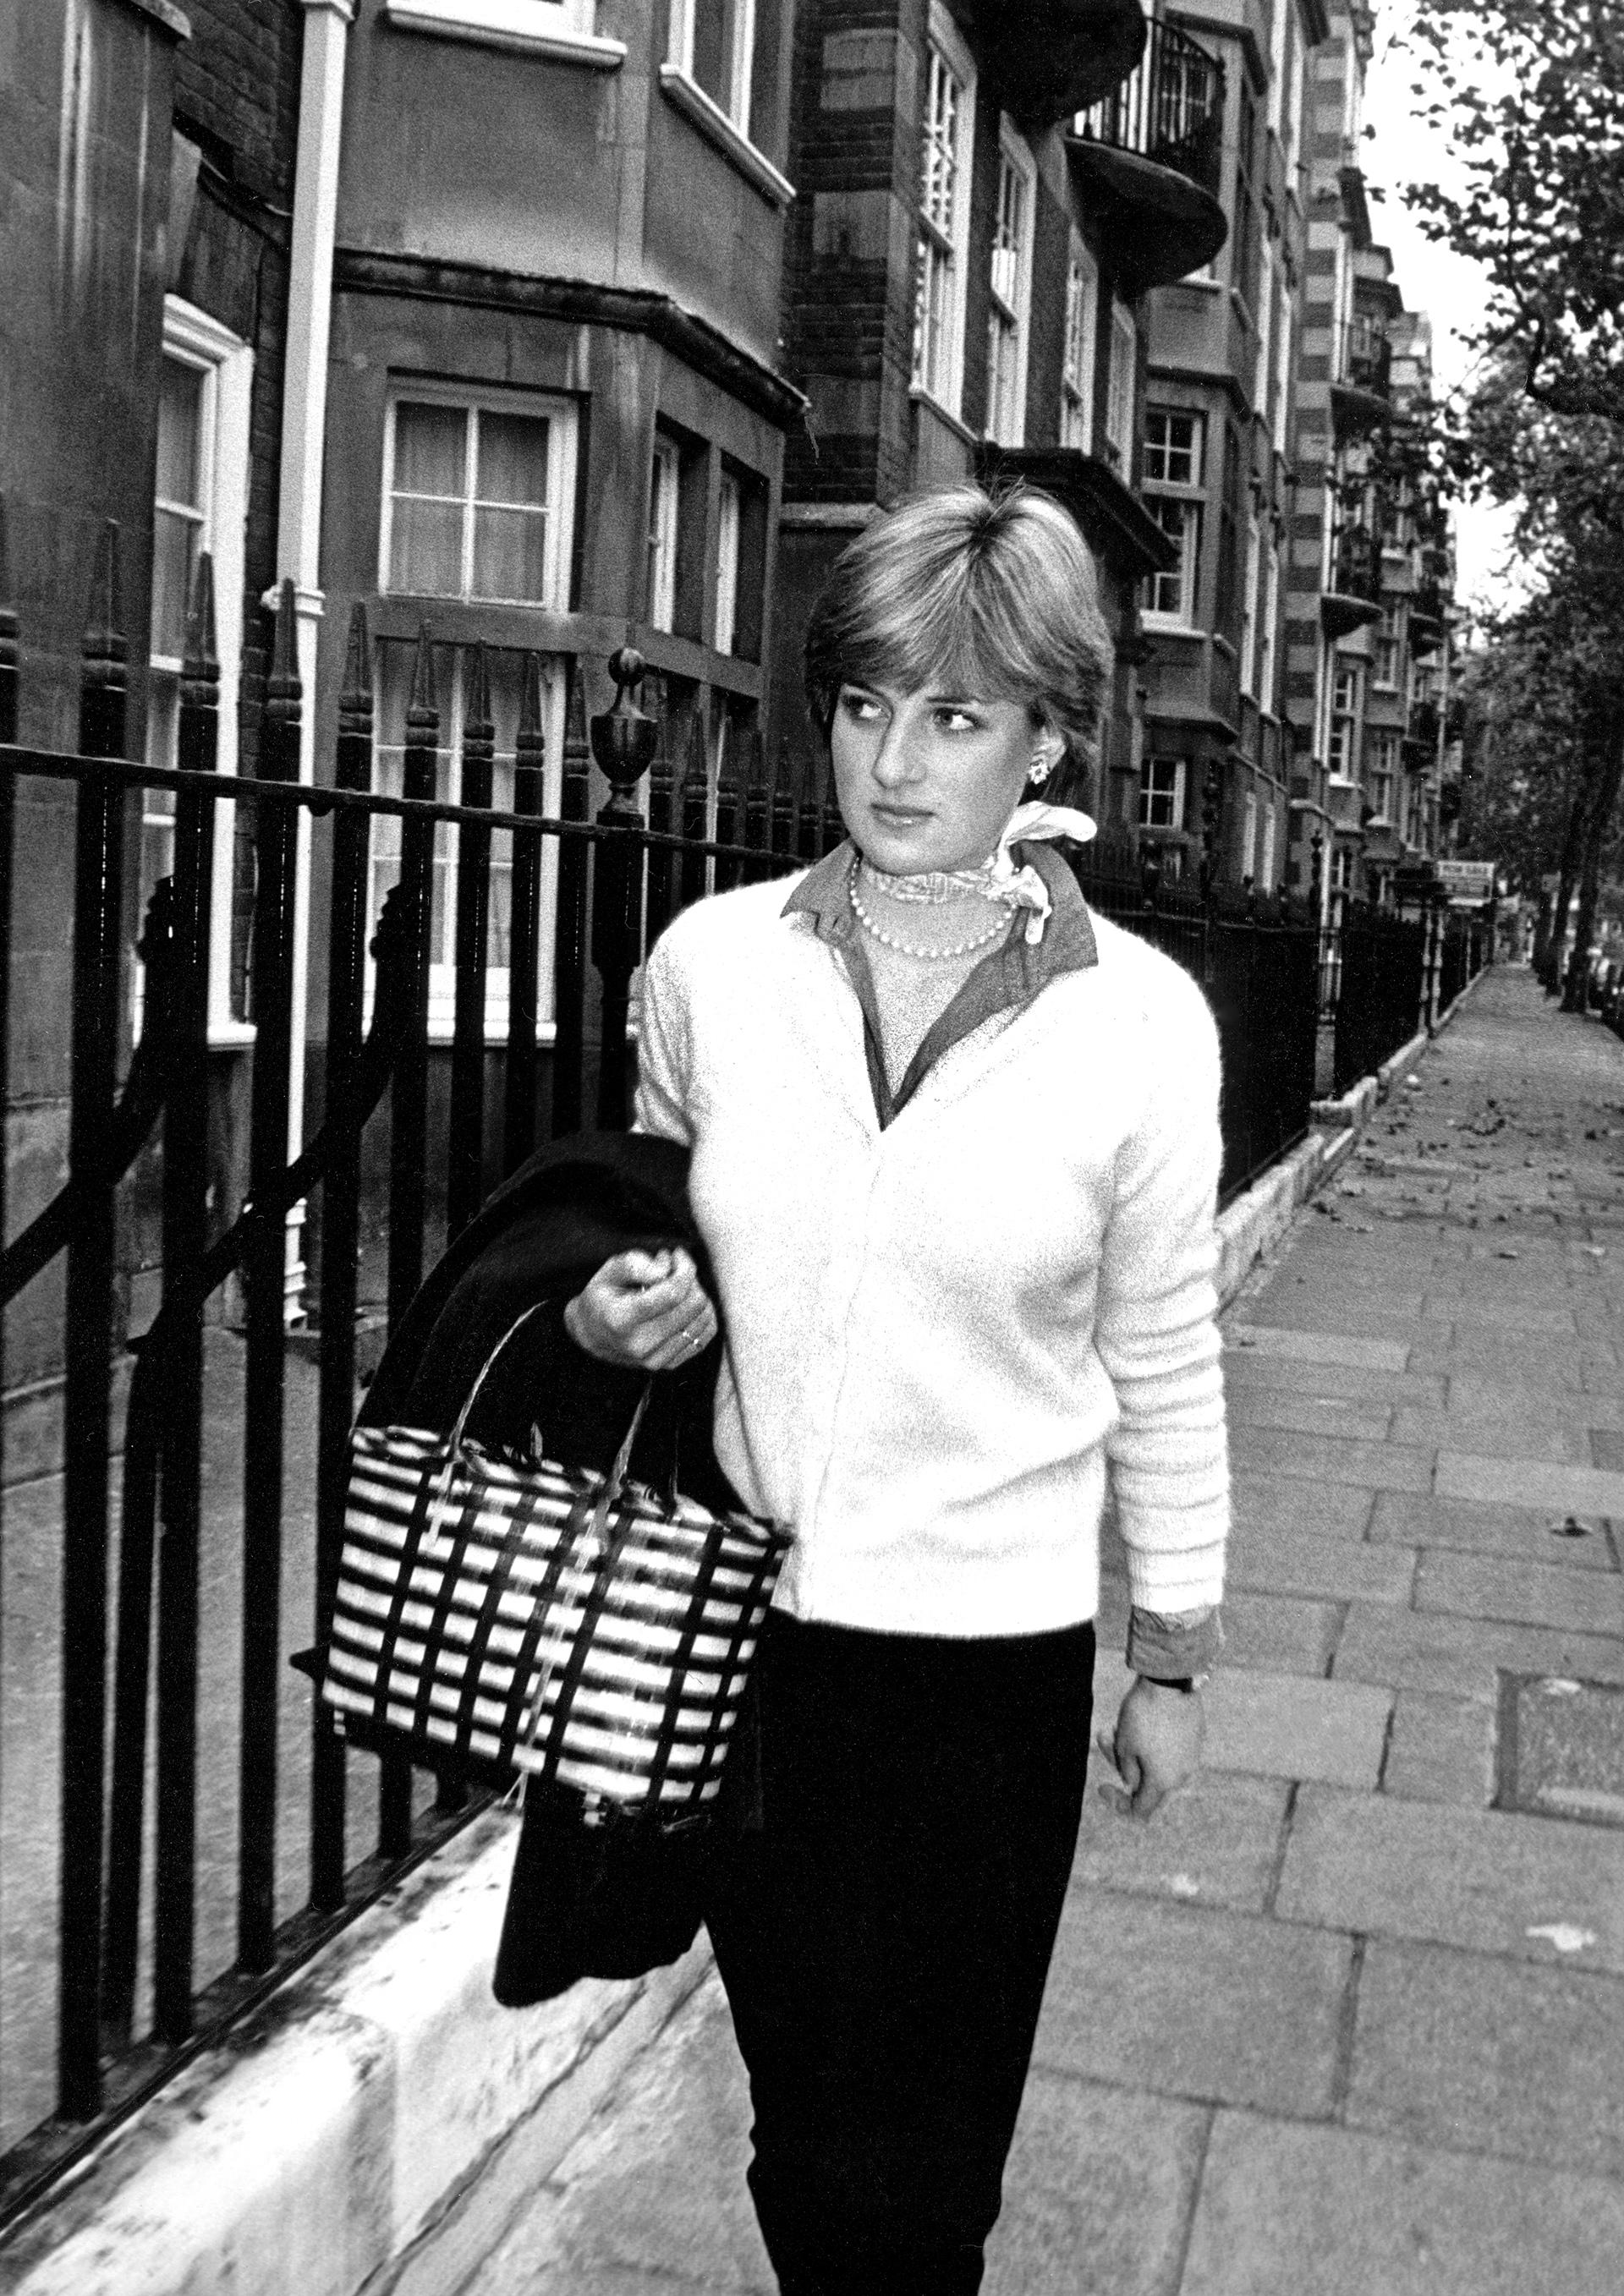 En las afueras de su departamento en Colherne Court, Brompton, Londres en 1980, Diana lucía un clásico look de la ciudad: camisa y sweater